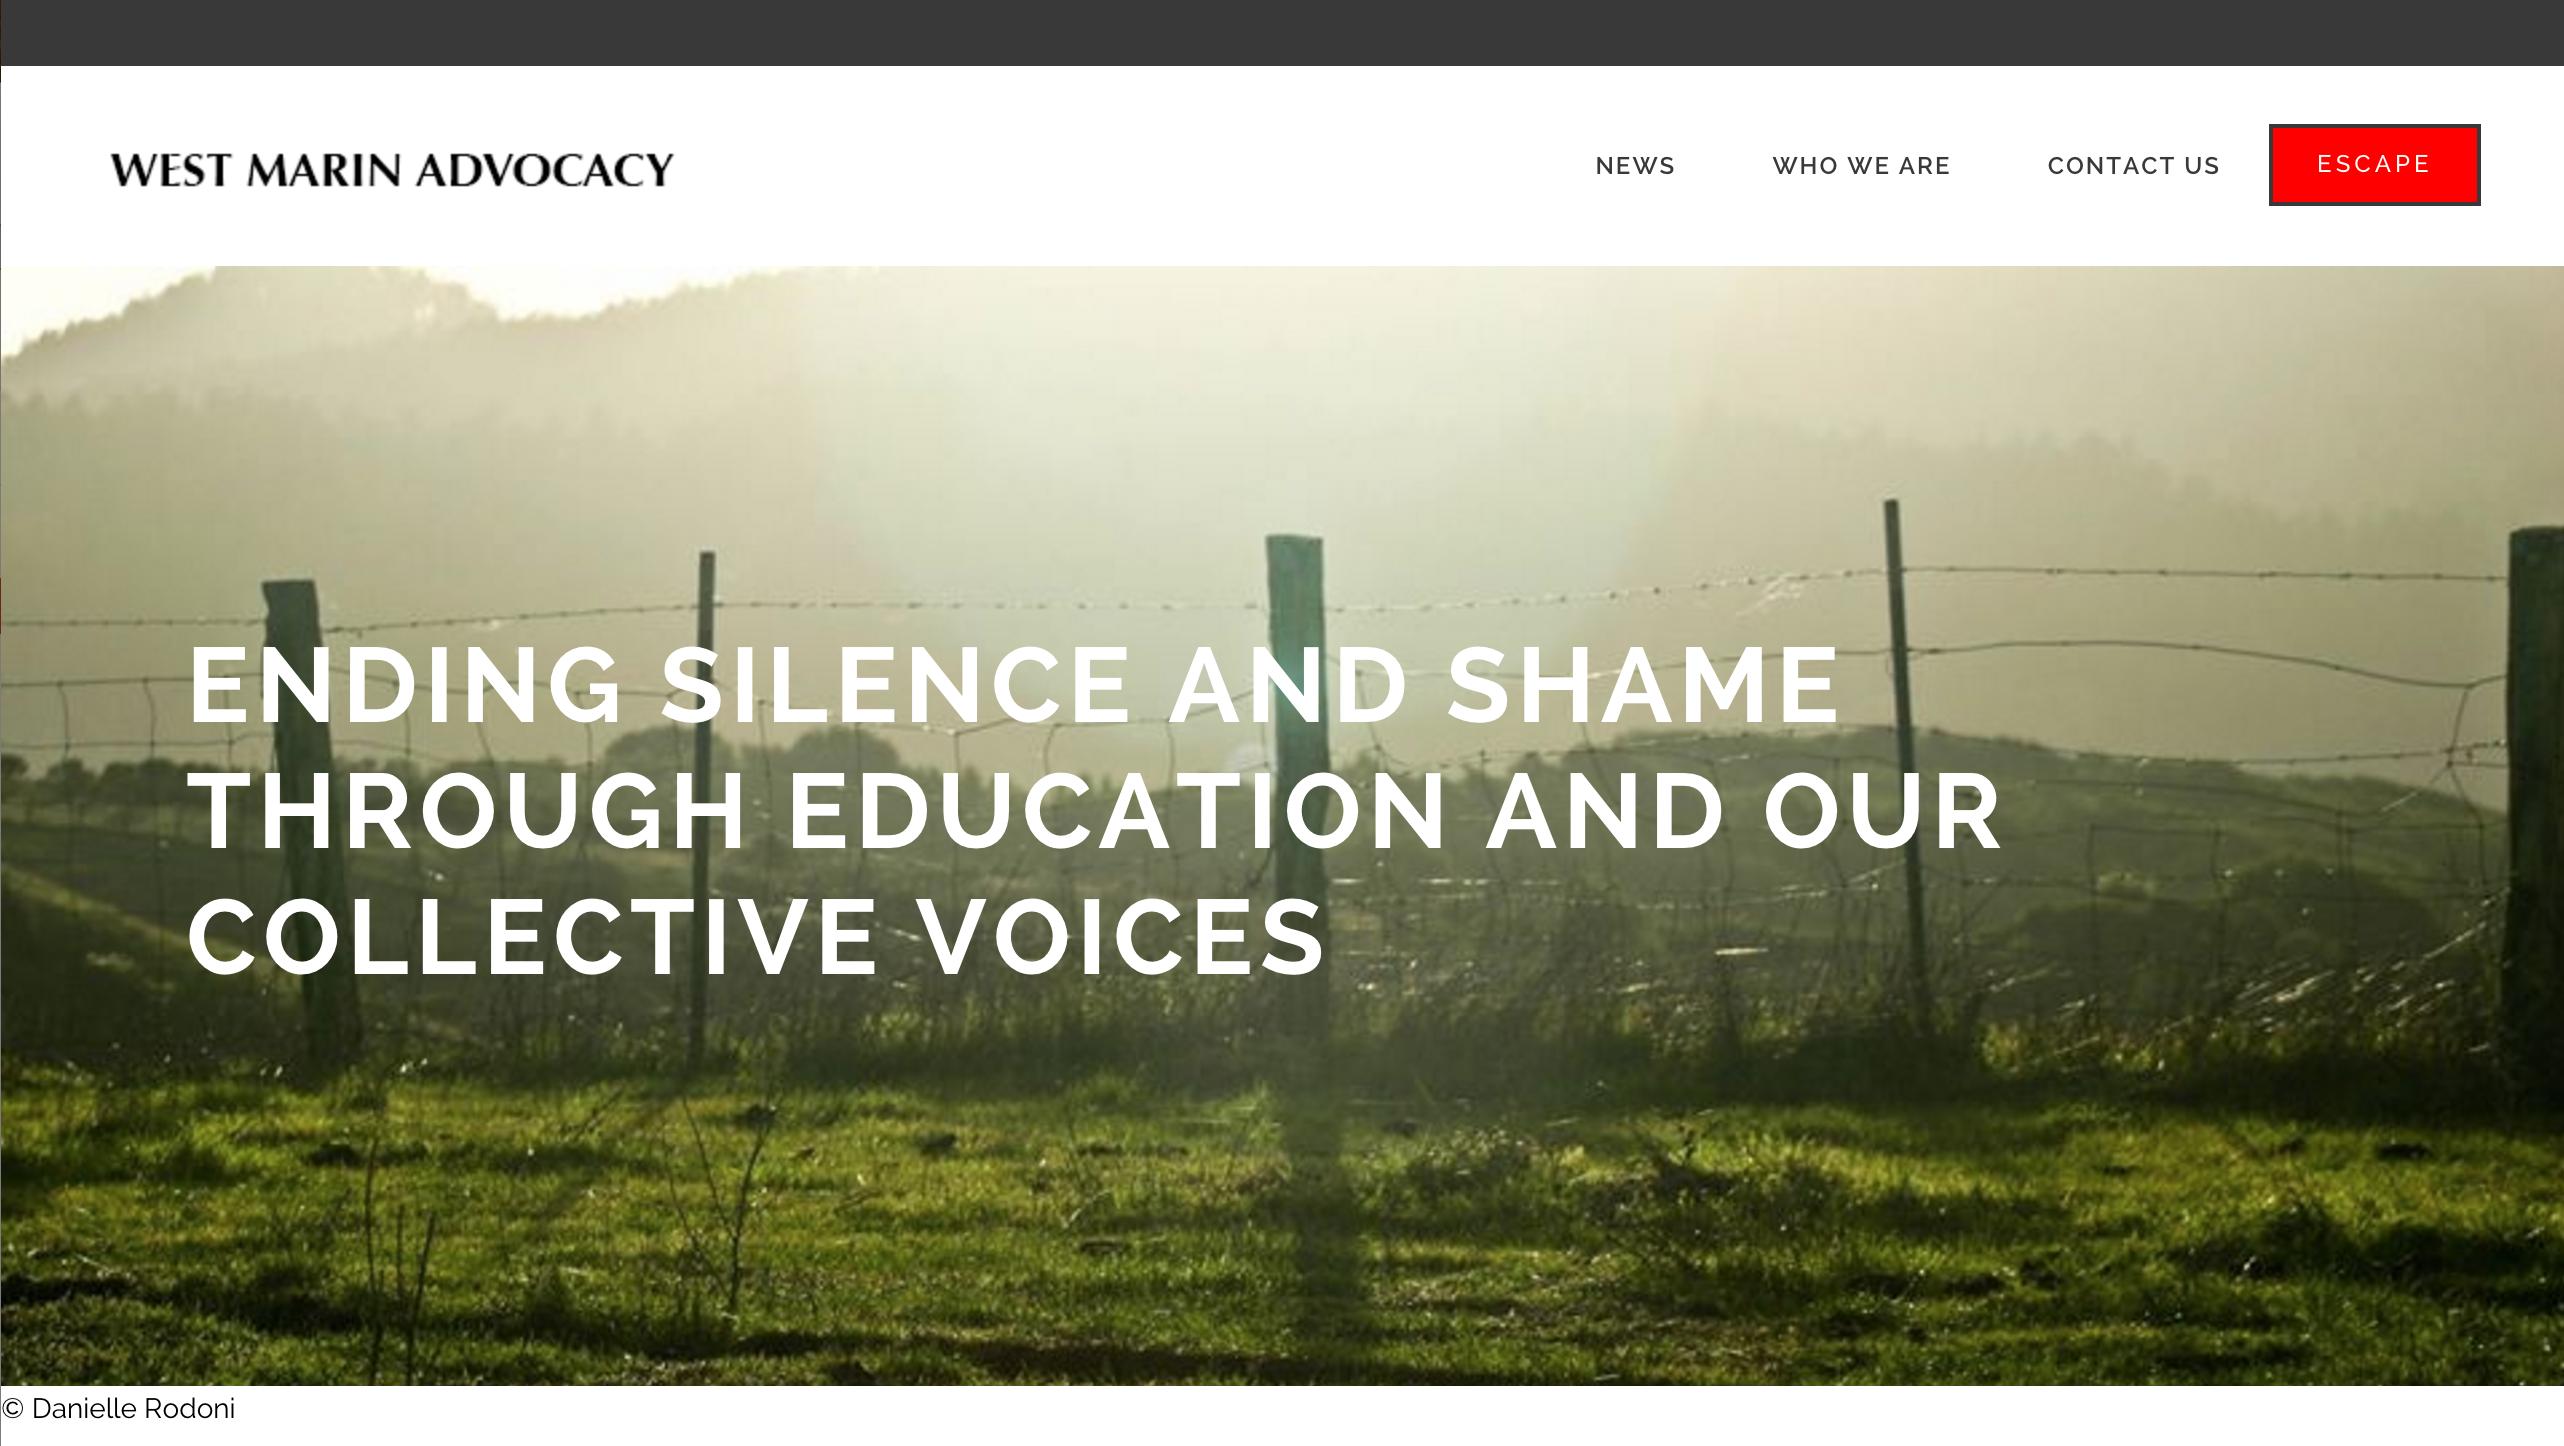 West Marin Advocacy